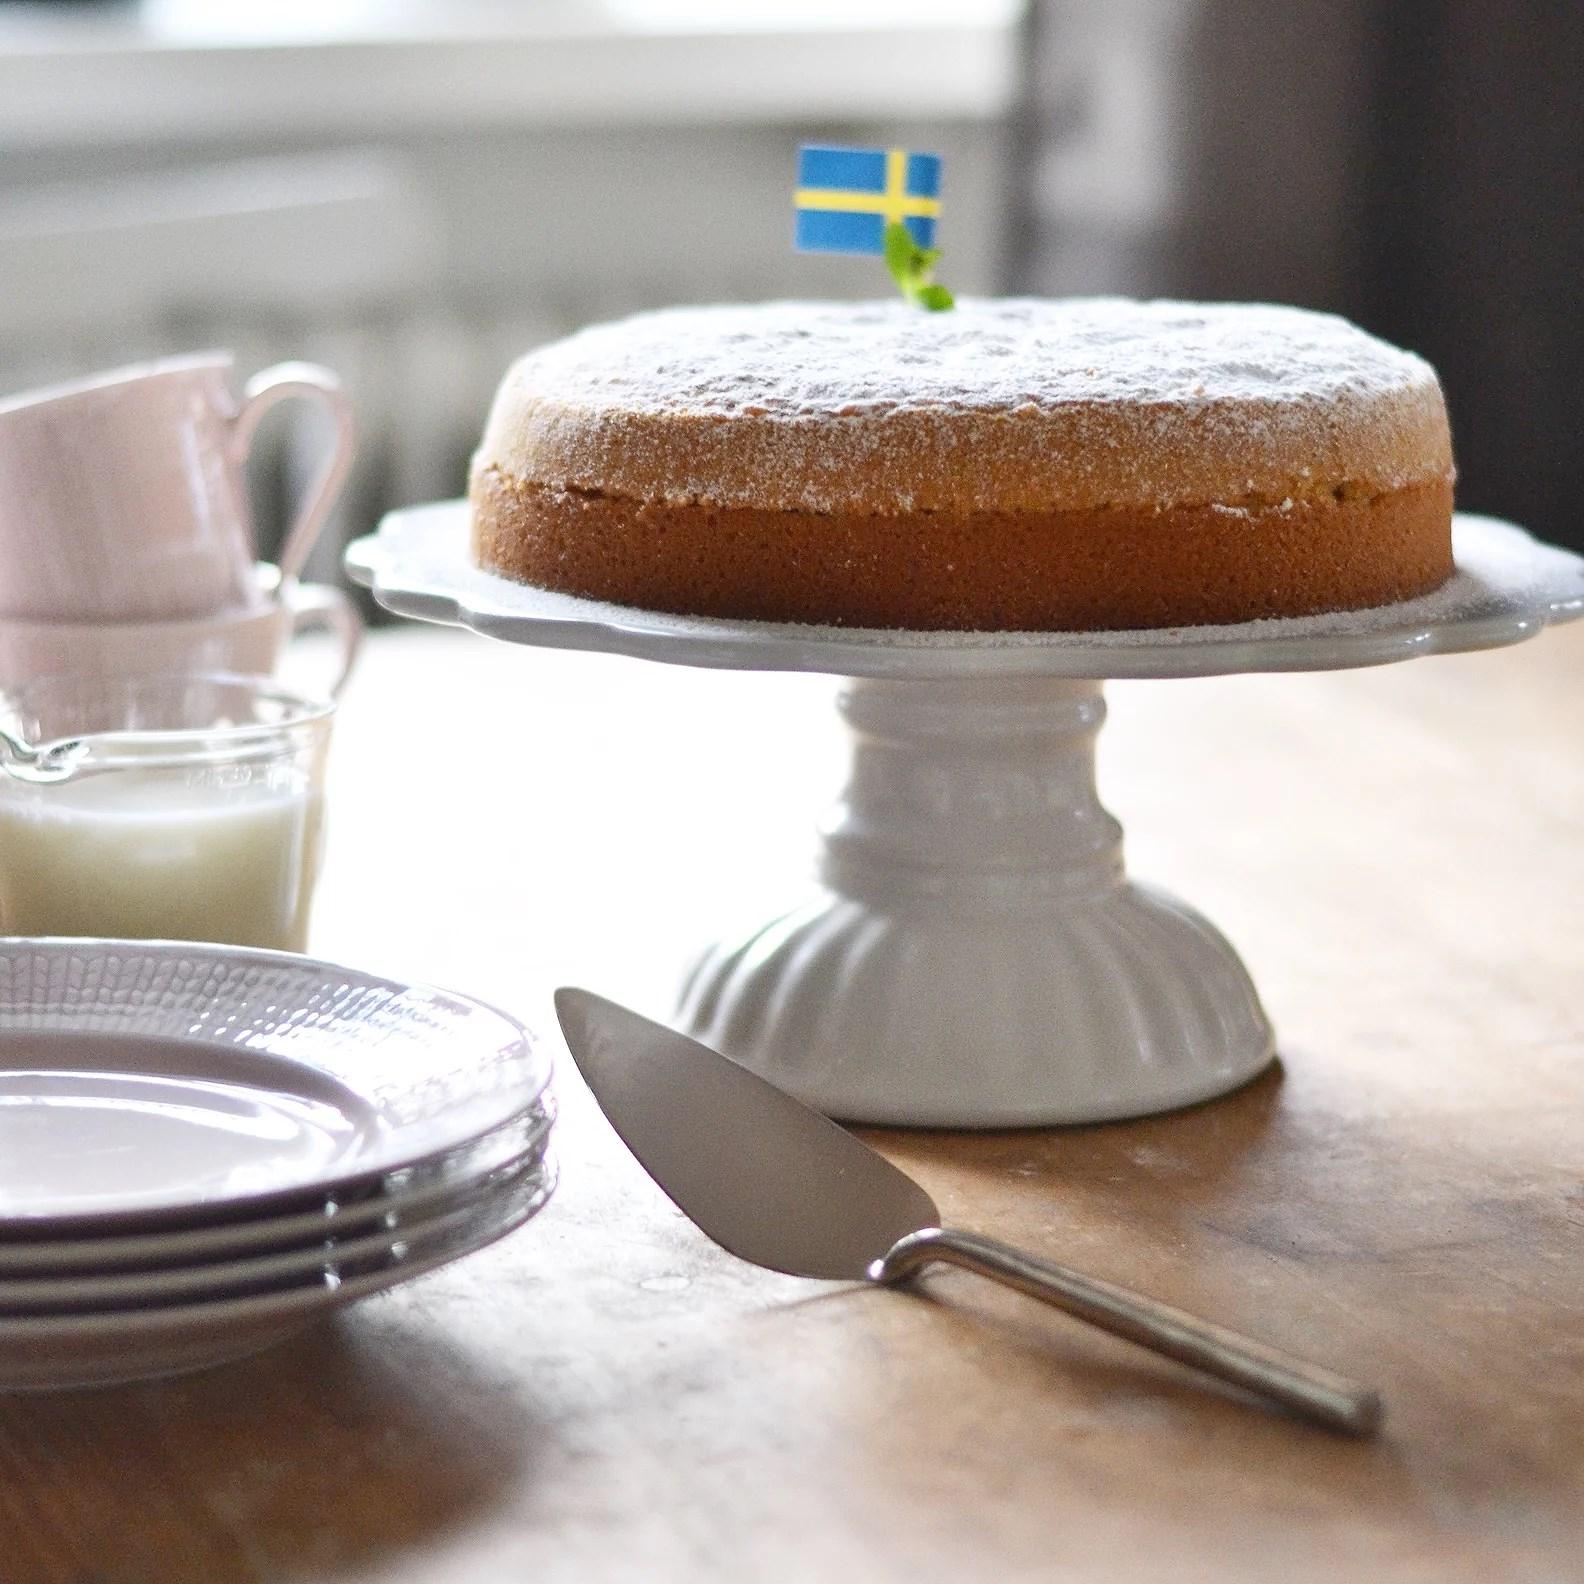 Sverigekaka